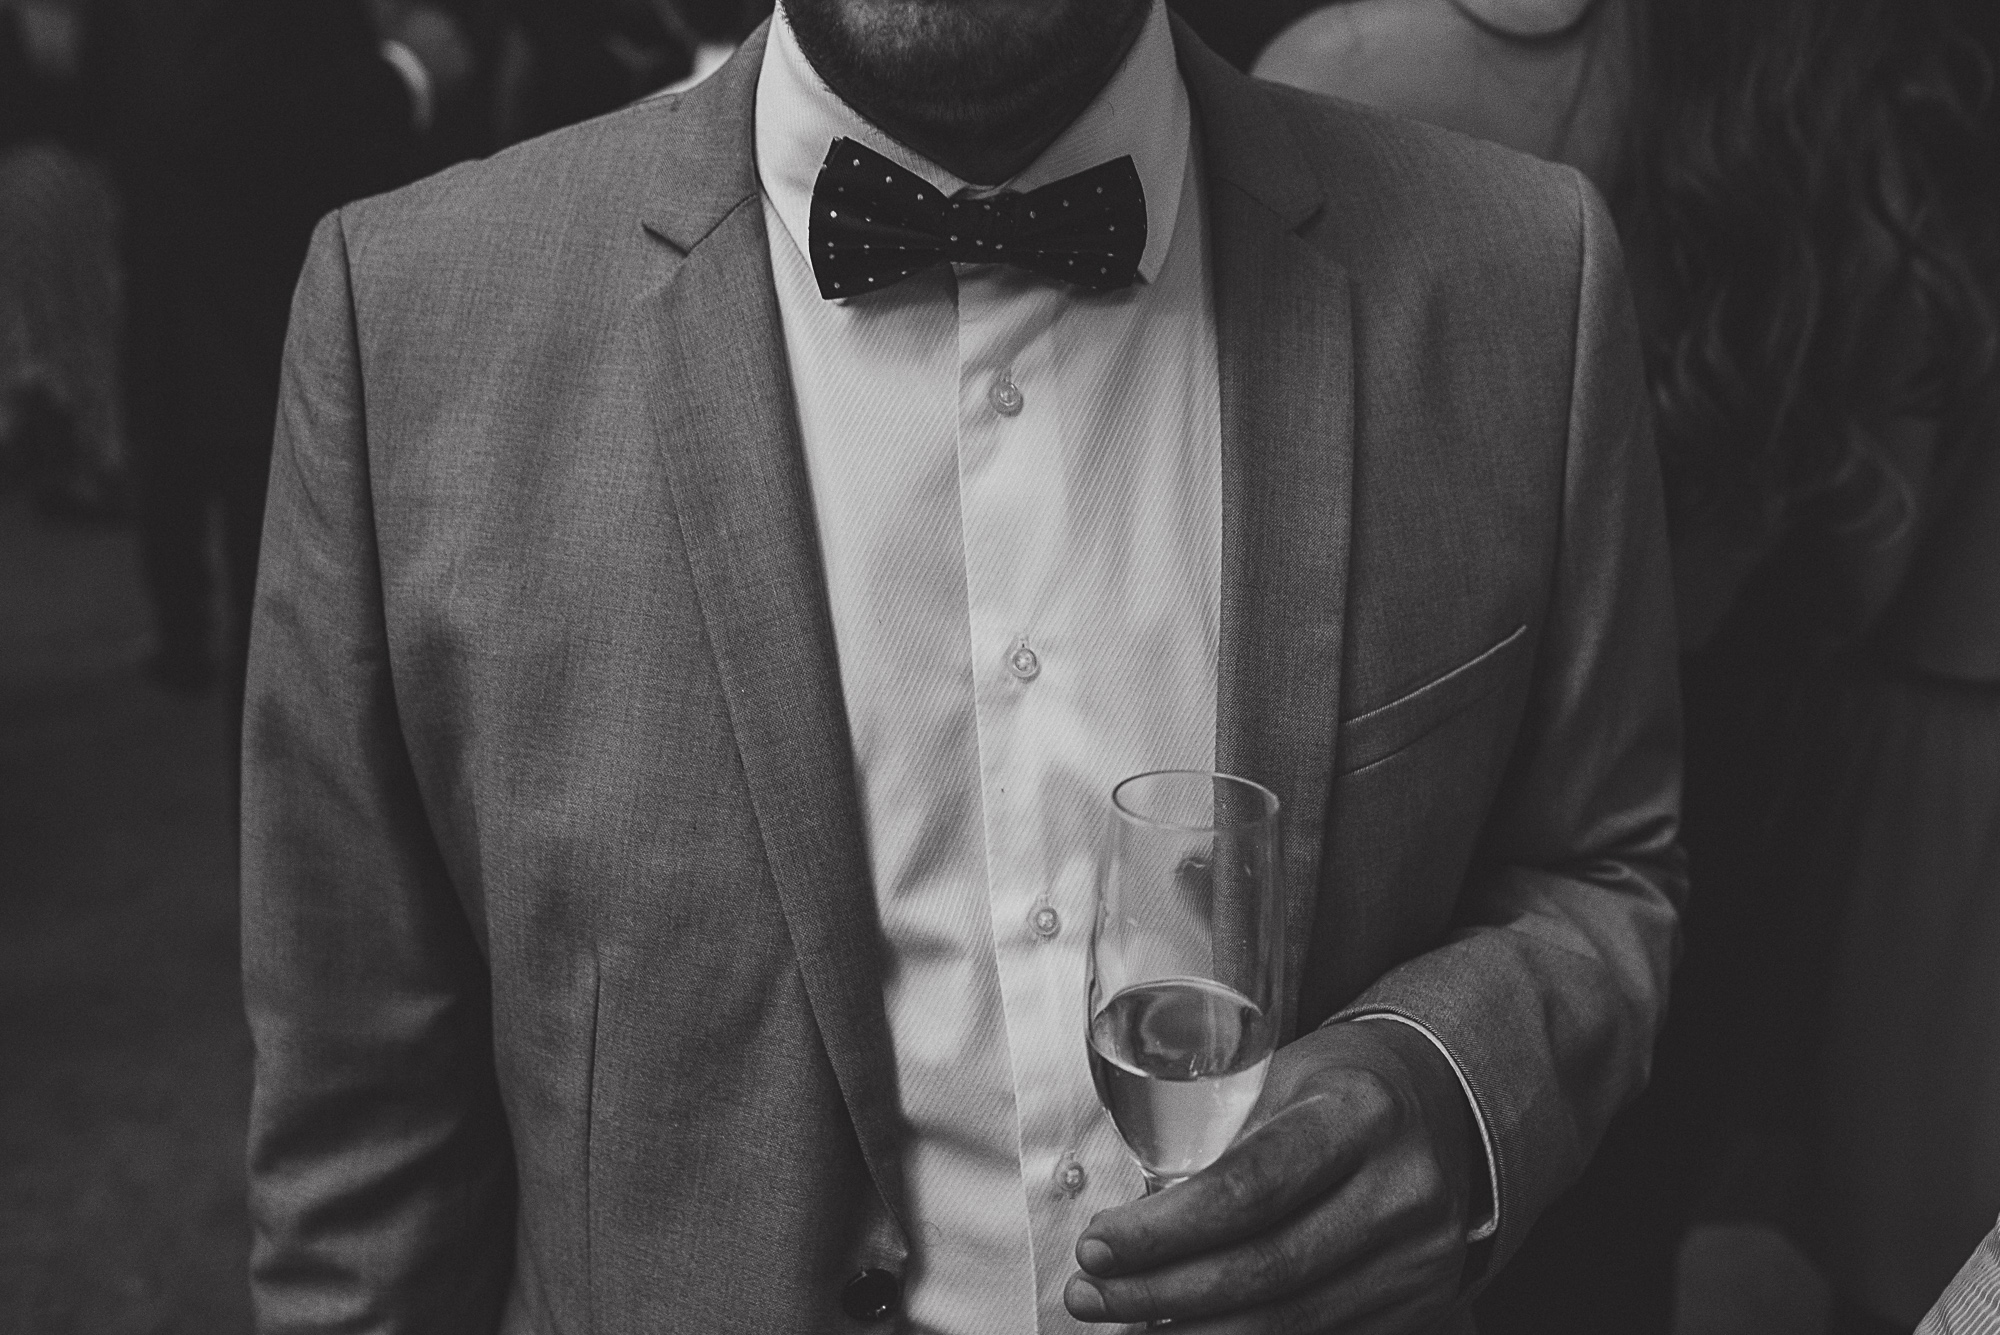 boda-vero-matias-chile-fotografo-de-bodas-a-destino-gabriel-roa-16